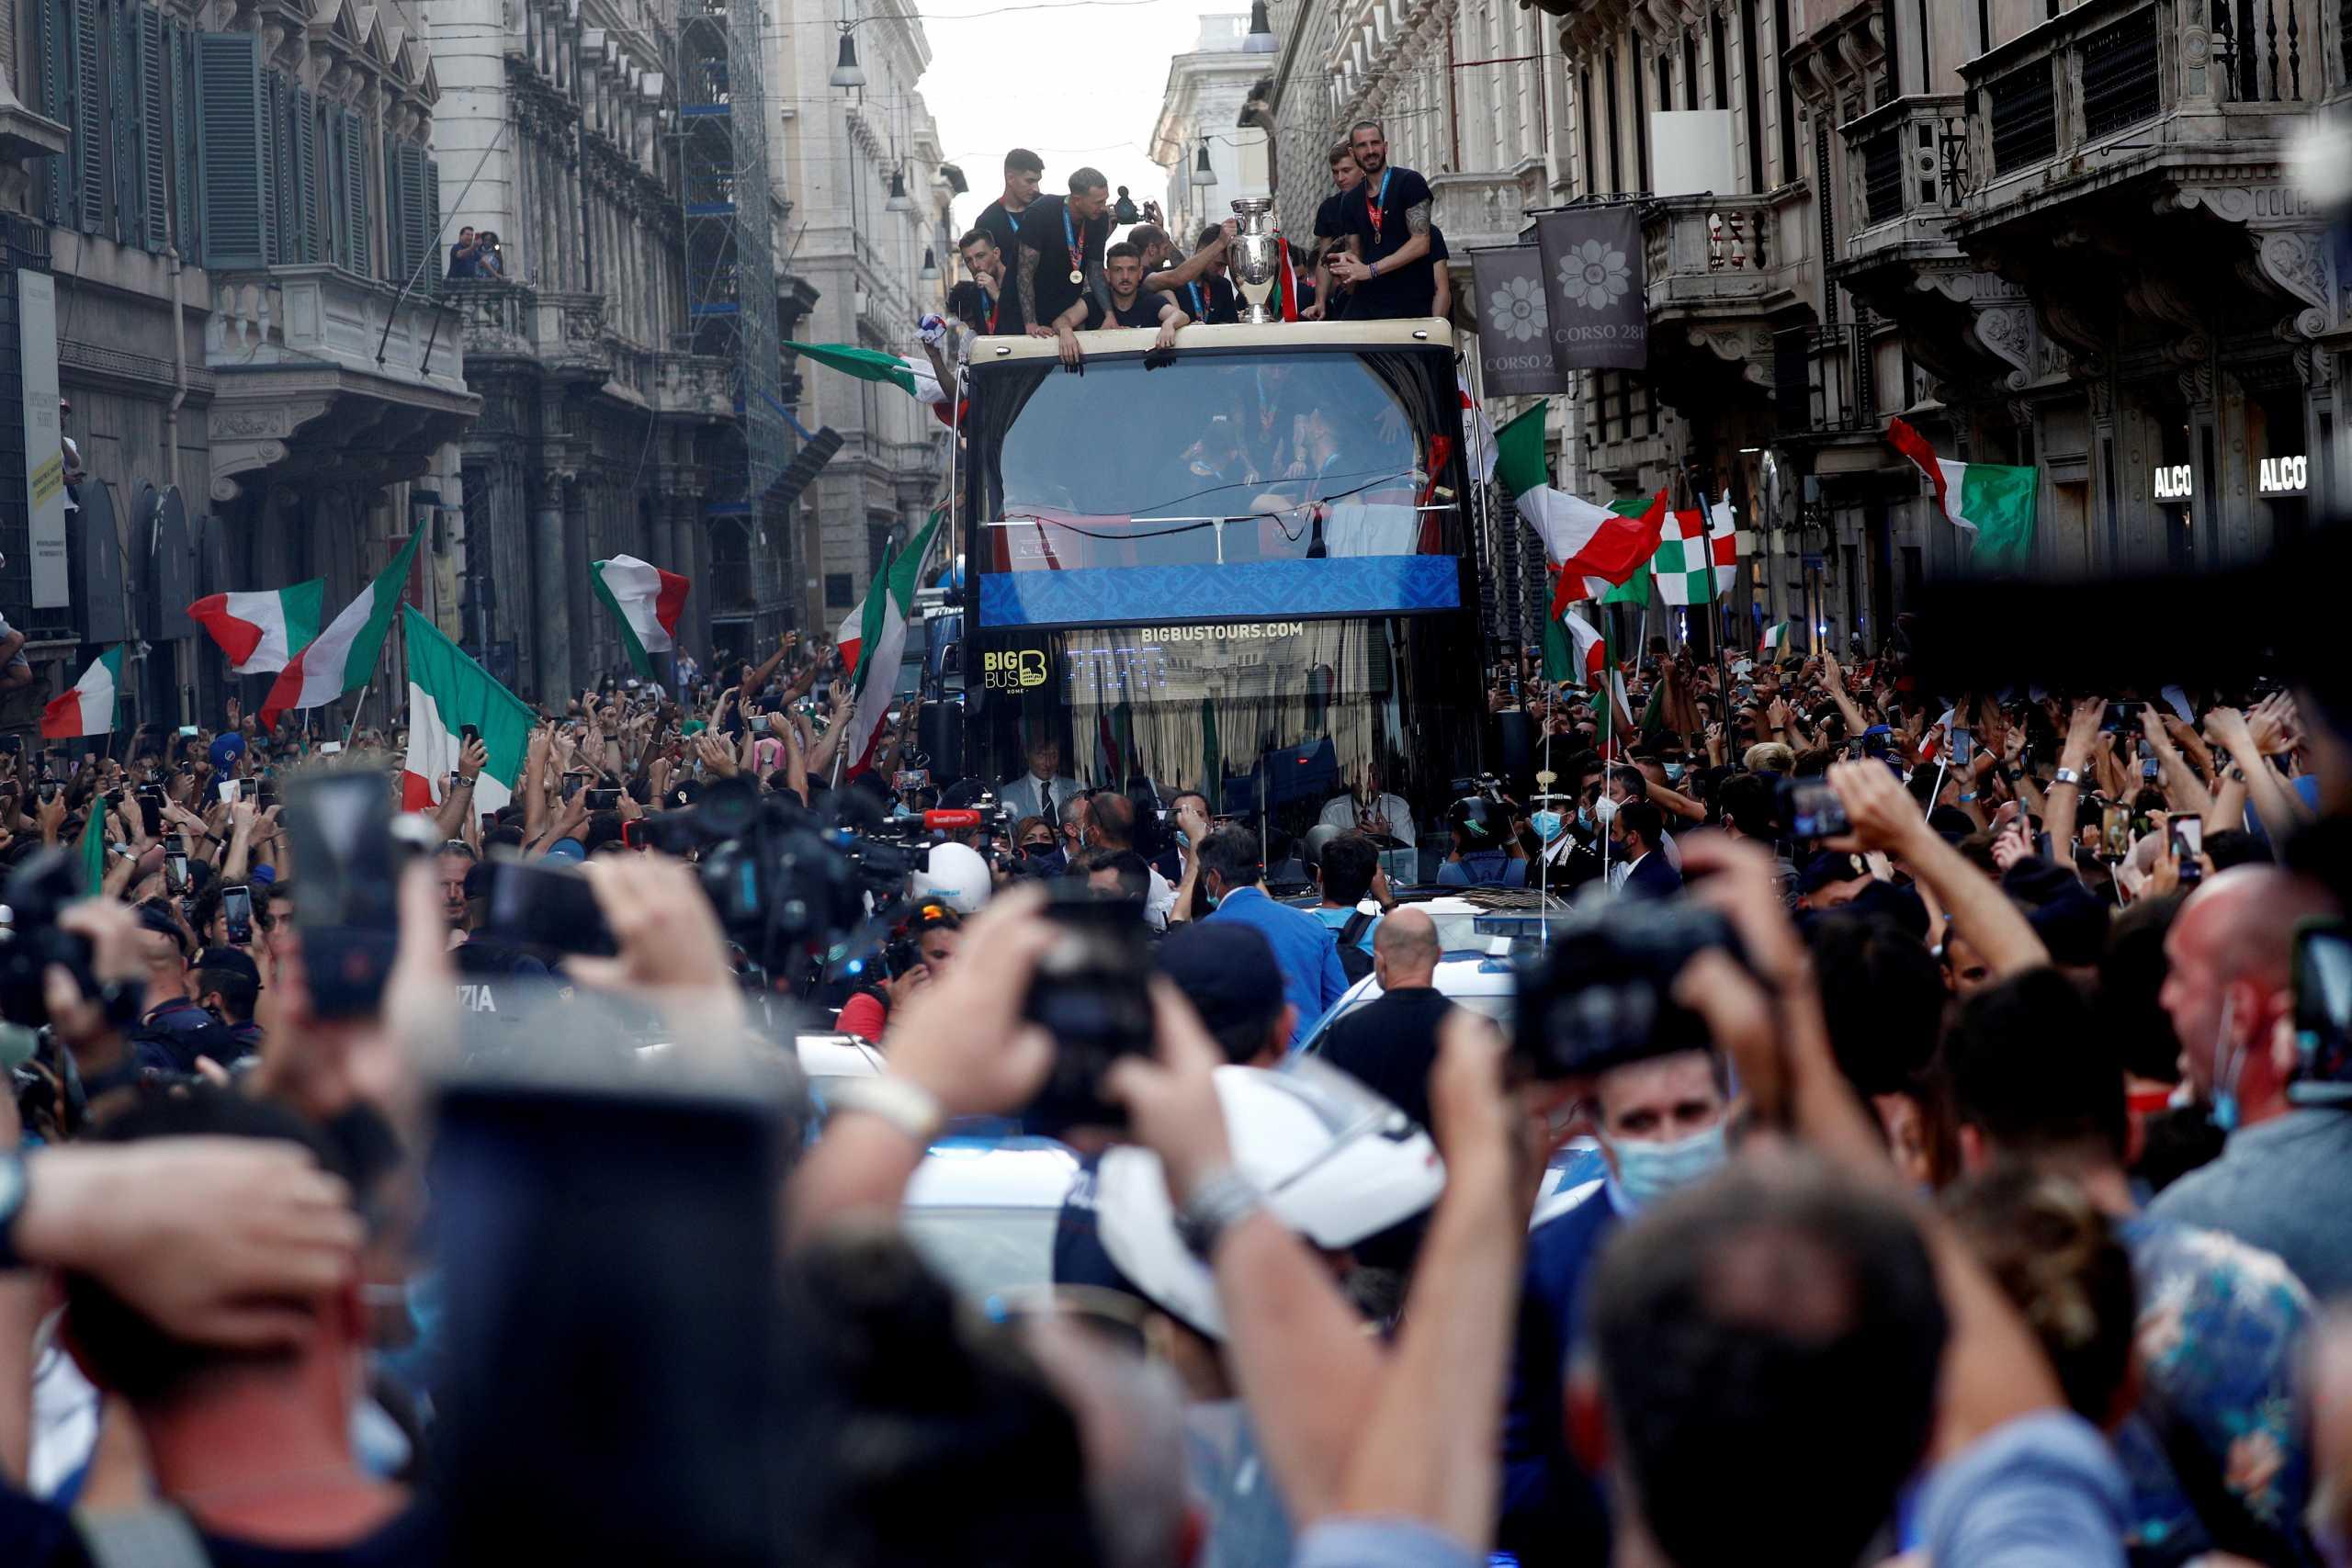 Οι πανηγυρισμοί για το Euro έφεραν «έκρηξη» κρουσμάτων στη Ρώμη